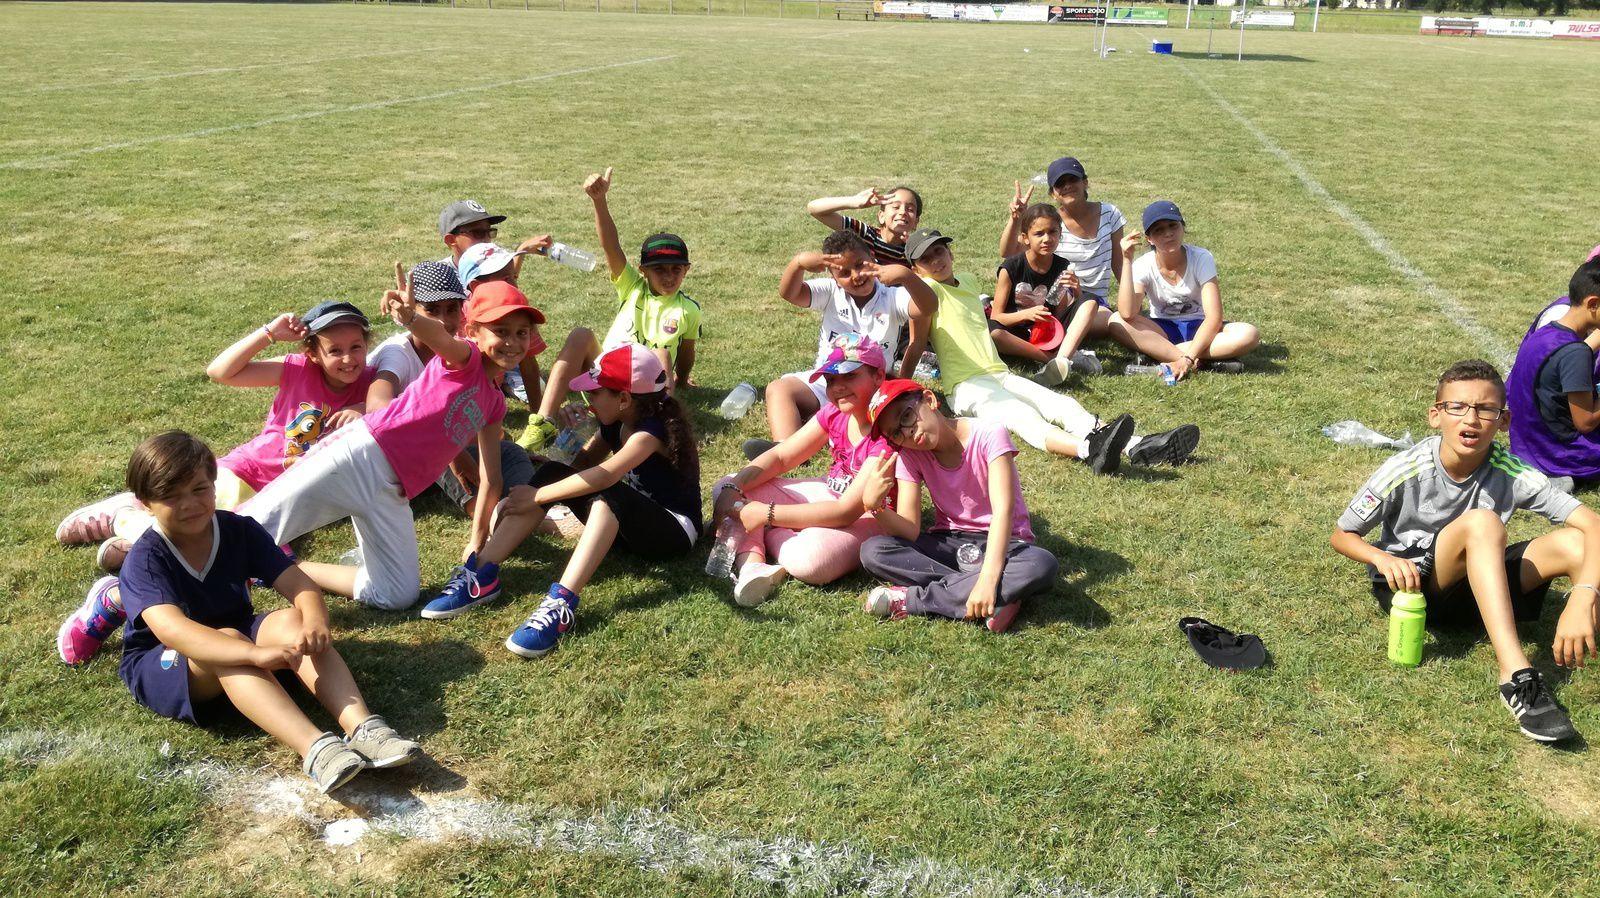 ME CRINS: Tournois de foot à Briatexte